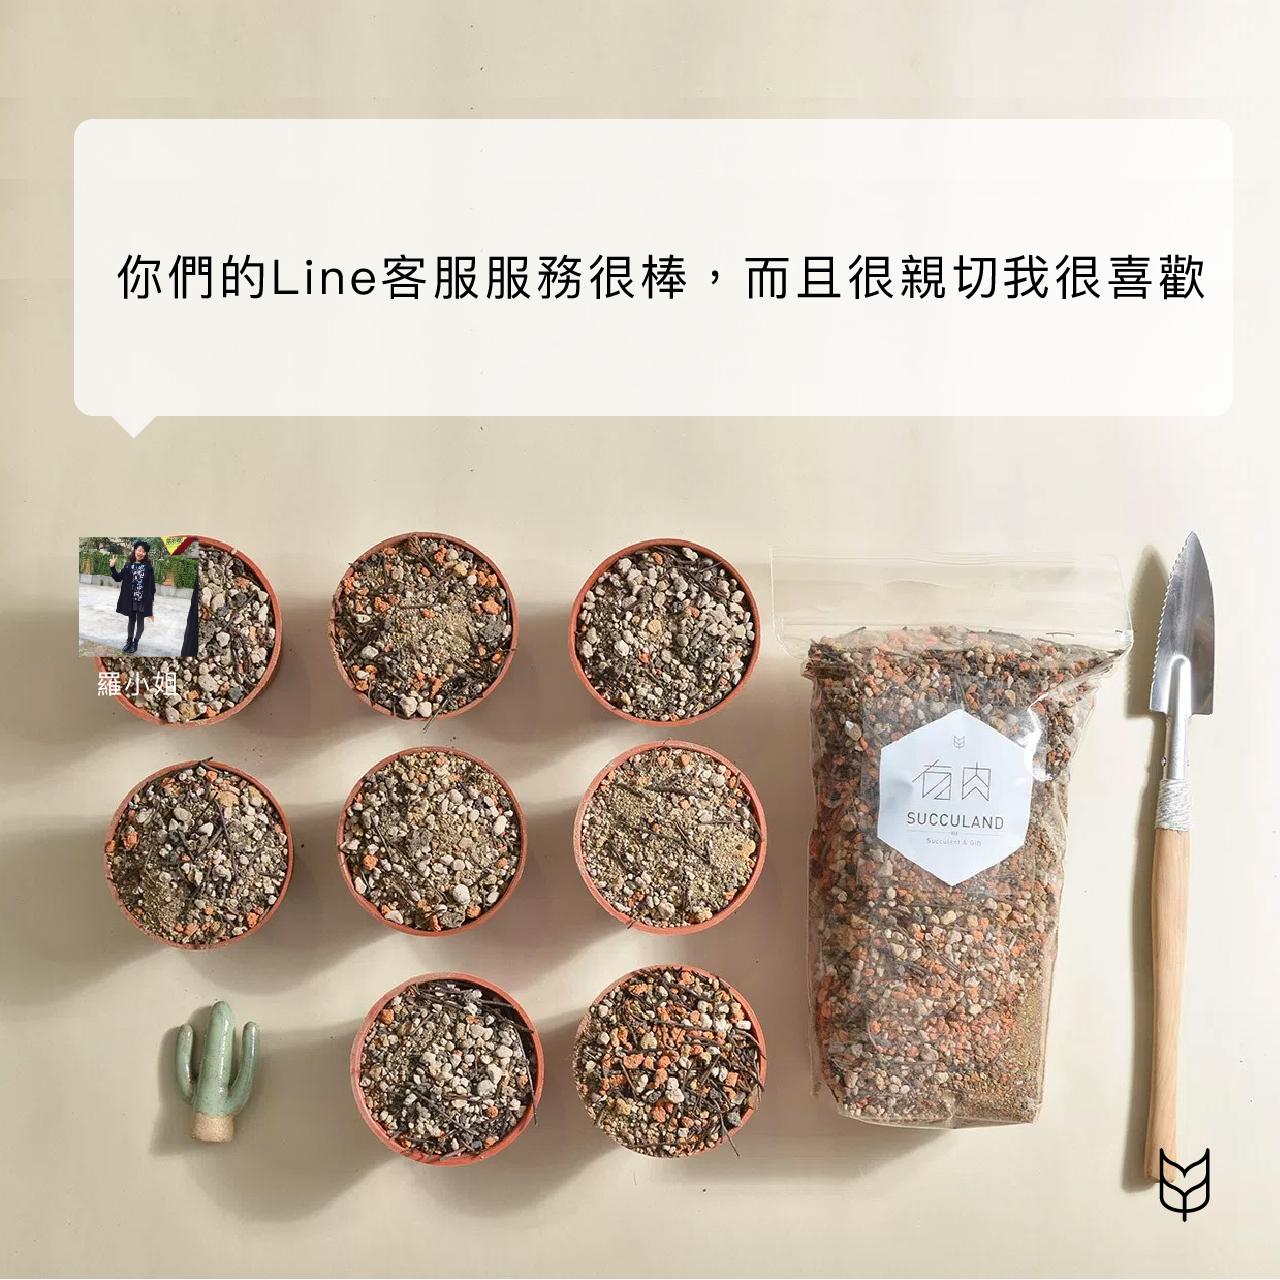 多肉植物專用土購買者心得